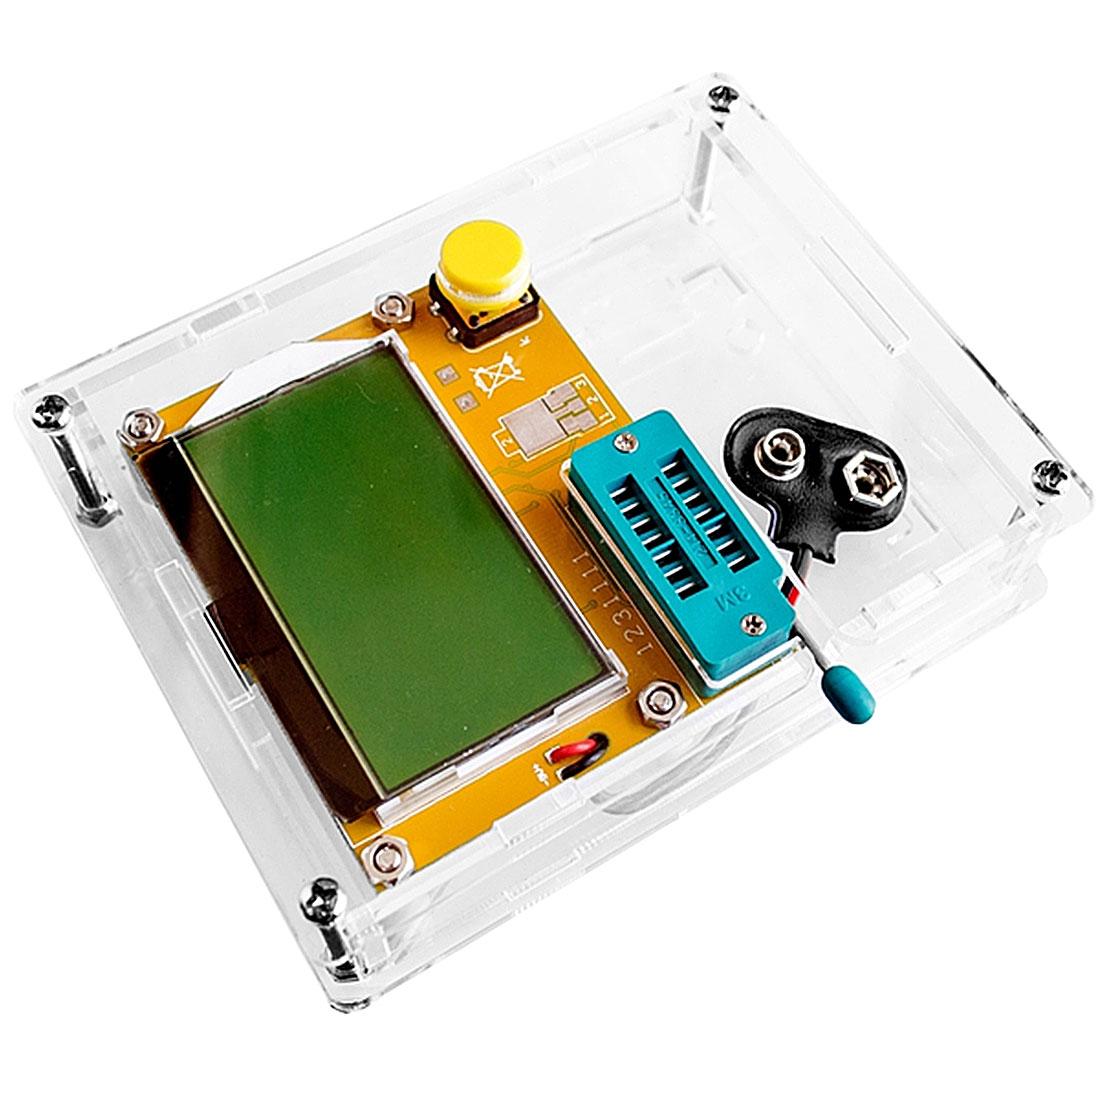 New Mega328 M328 LCR-T4  LCD Digital Transistor Tester Meter Backlight Diode Triode Capacitance ESR Meter MOS/PNP/NPN L/C/R